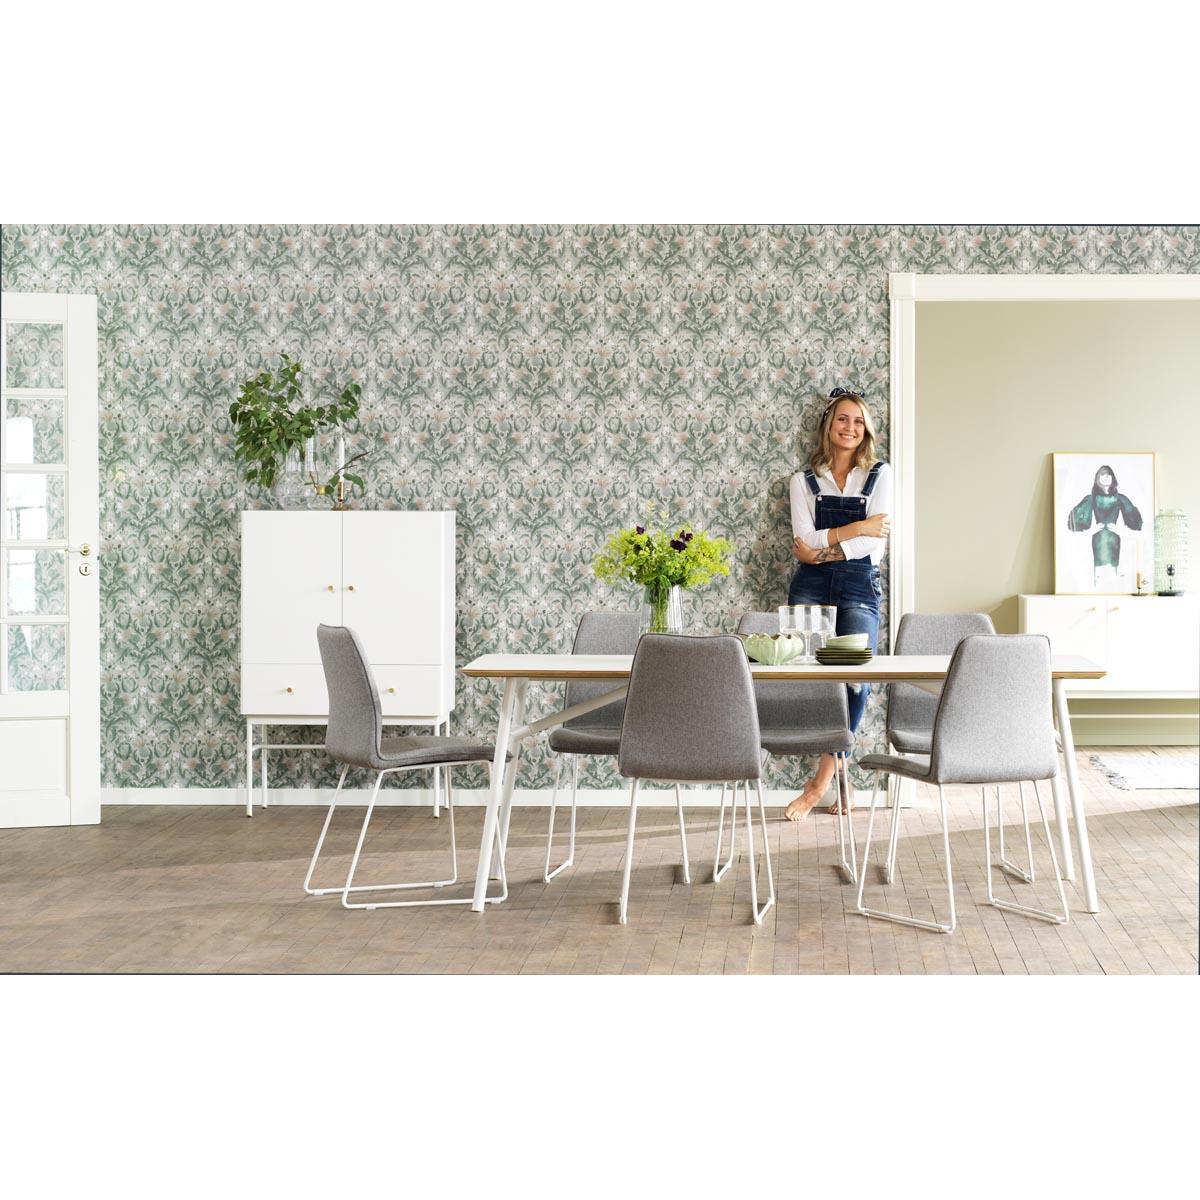 Glendale-matbord-vit-118725_b-miljo-Fairbanks-stol-modell